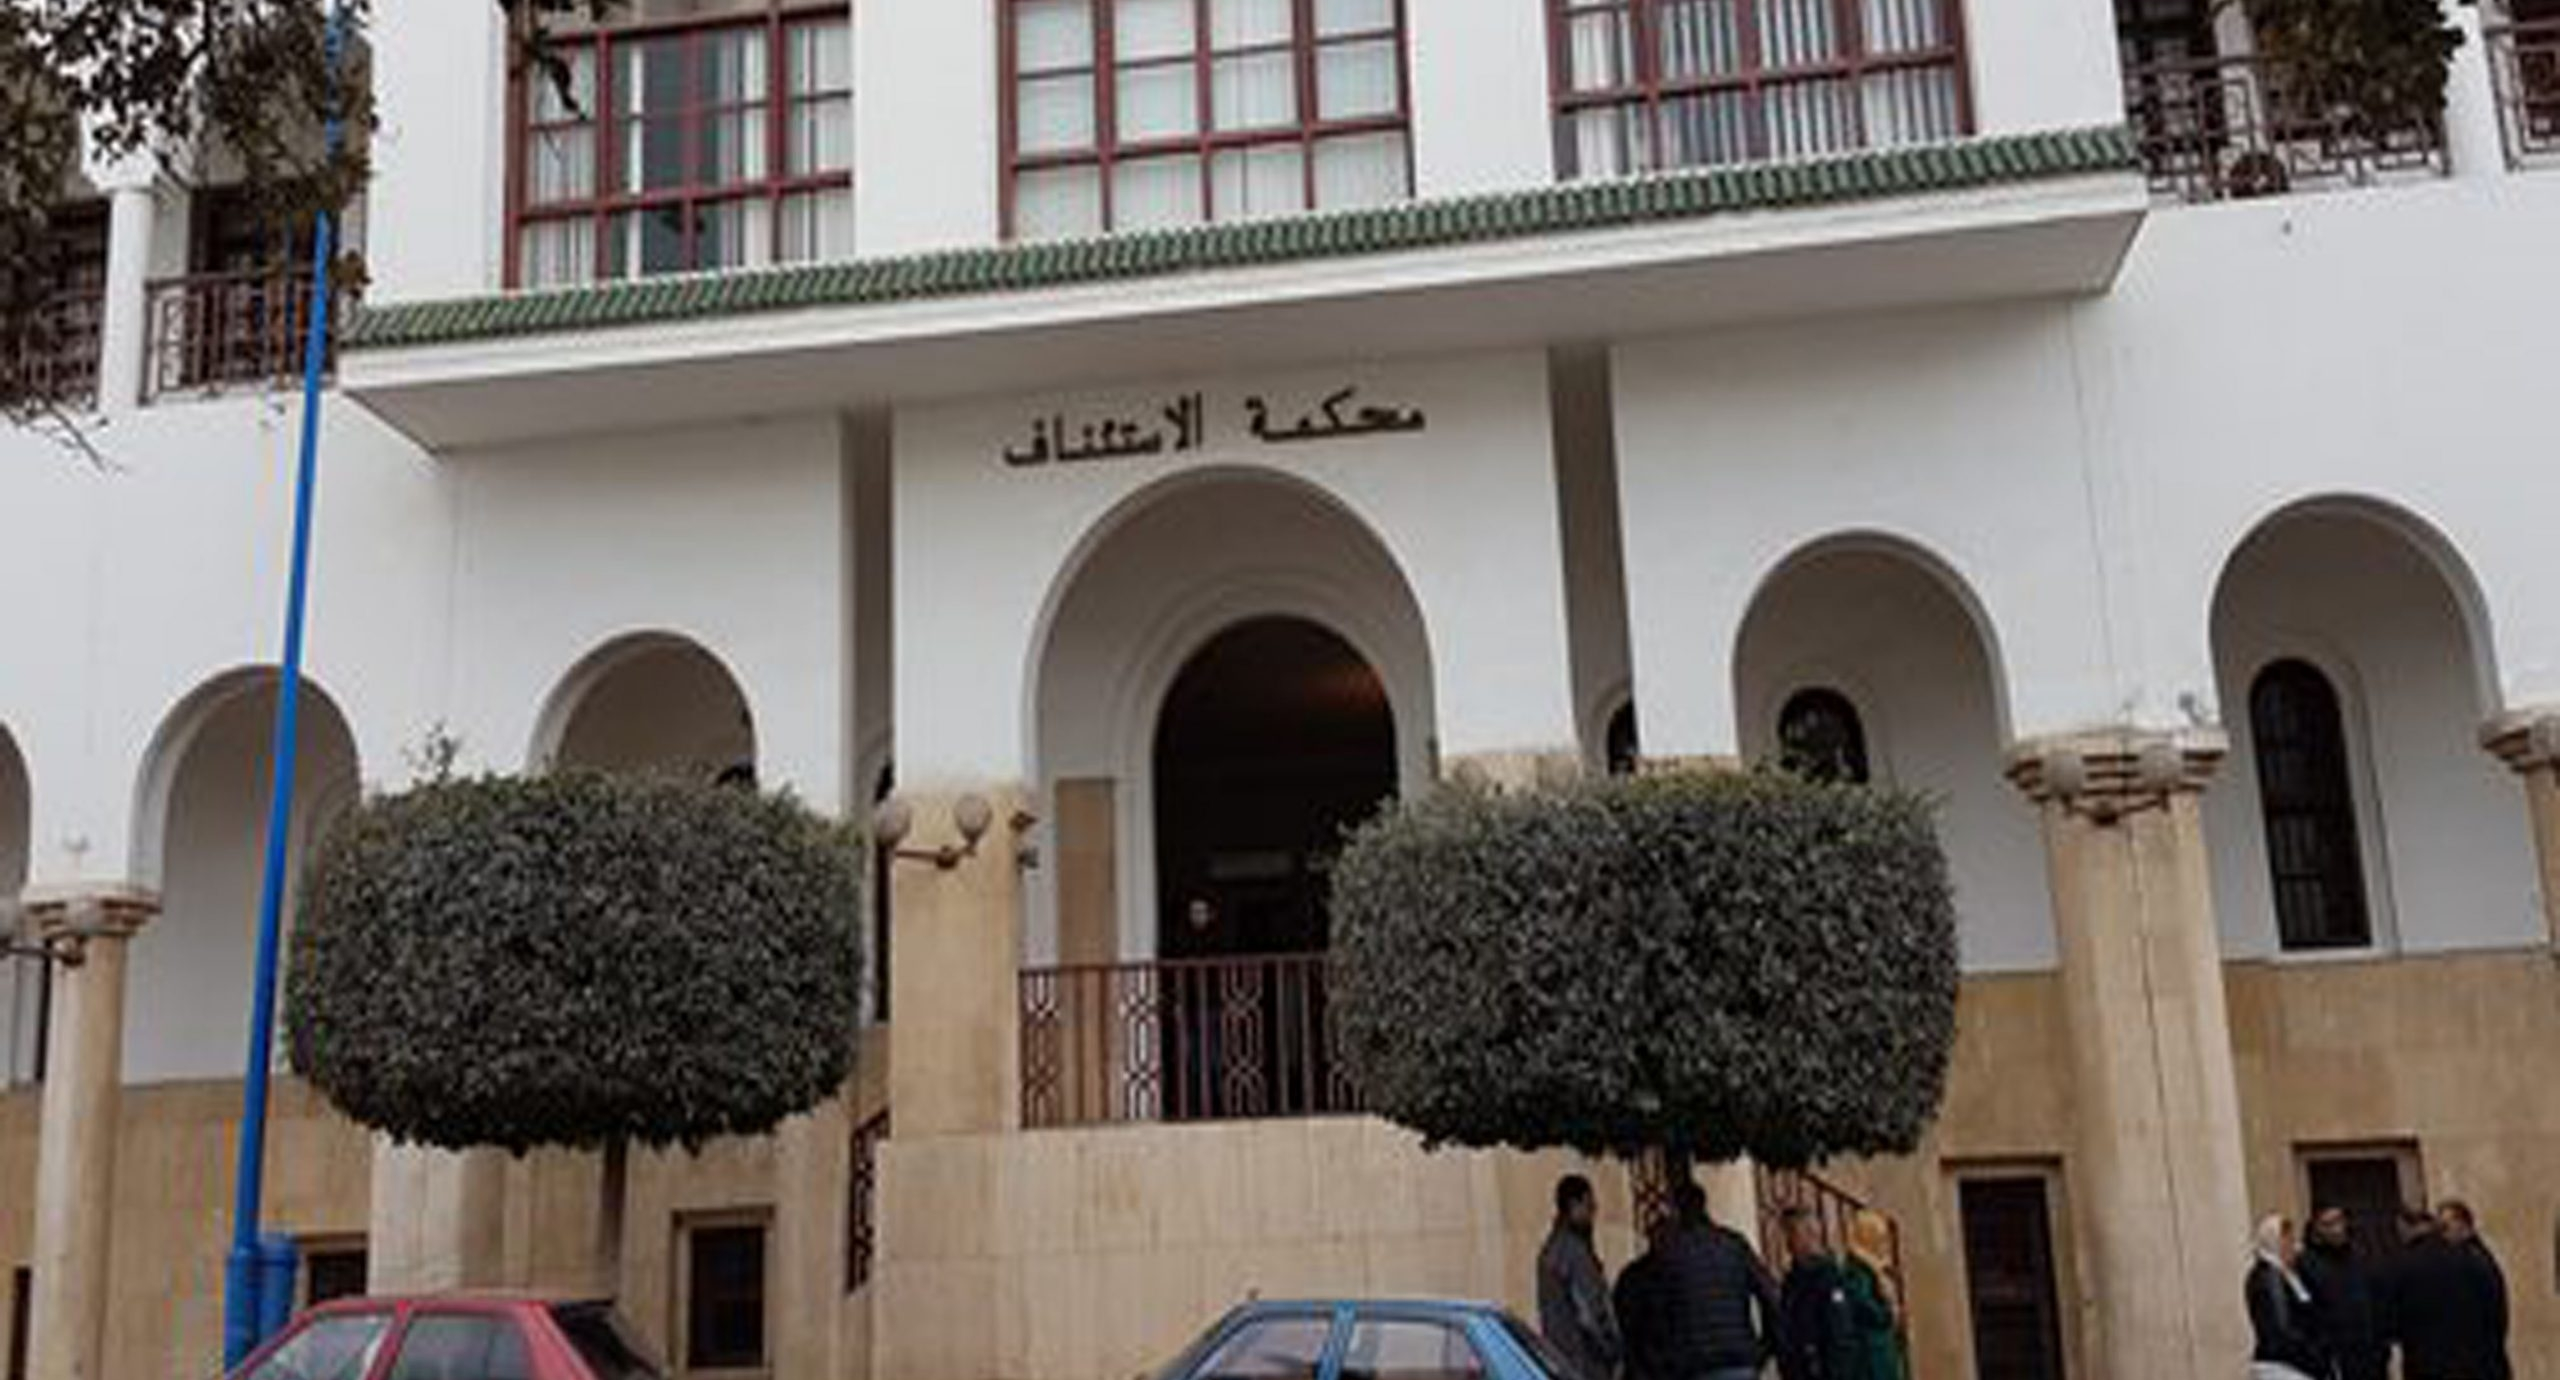 استنفار أمني بالحسيمة بعد فرار معتقل قبل تقديمه أمام النيابة العامة